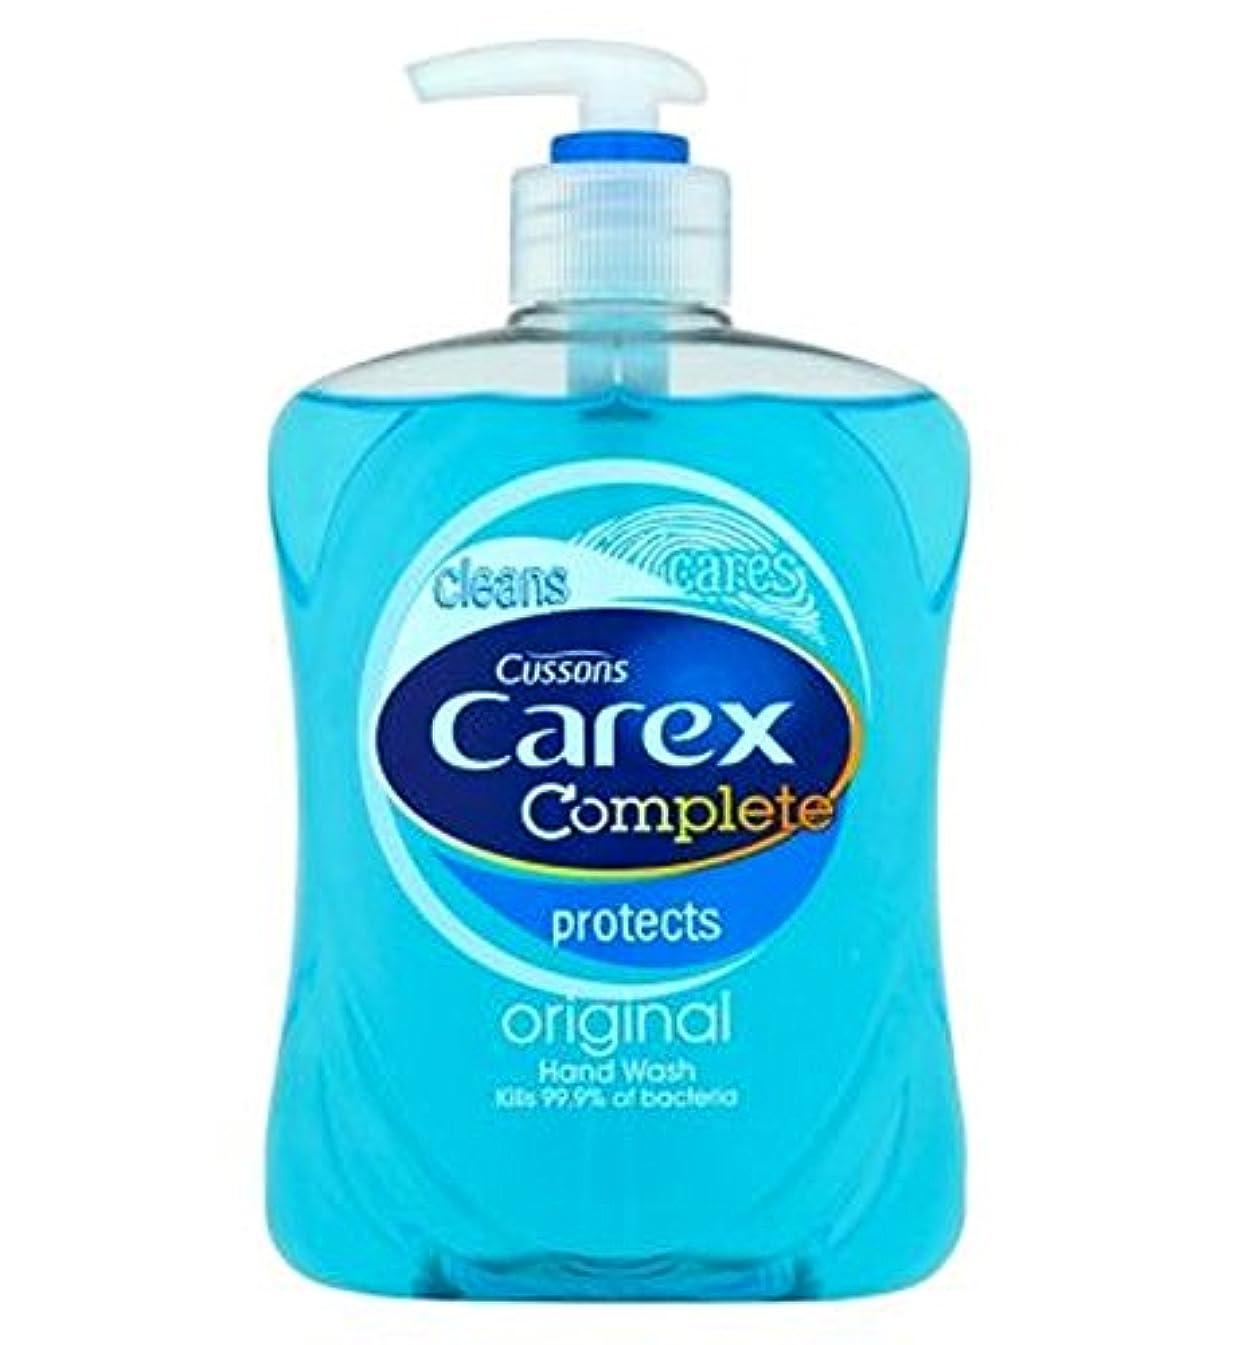 潜水艦赤欠かせないCarex Complete Original Hand Wash 500ml - スゲ属の完全オリジナルのハンドウォッシュ500ミリリットル (Carex) [並行輸入品]